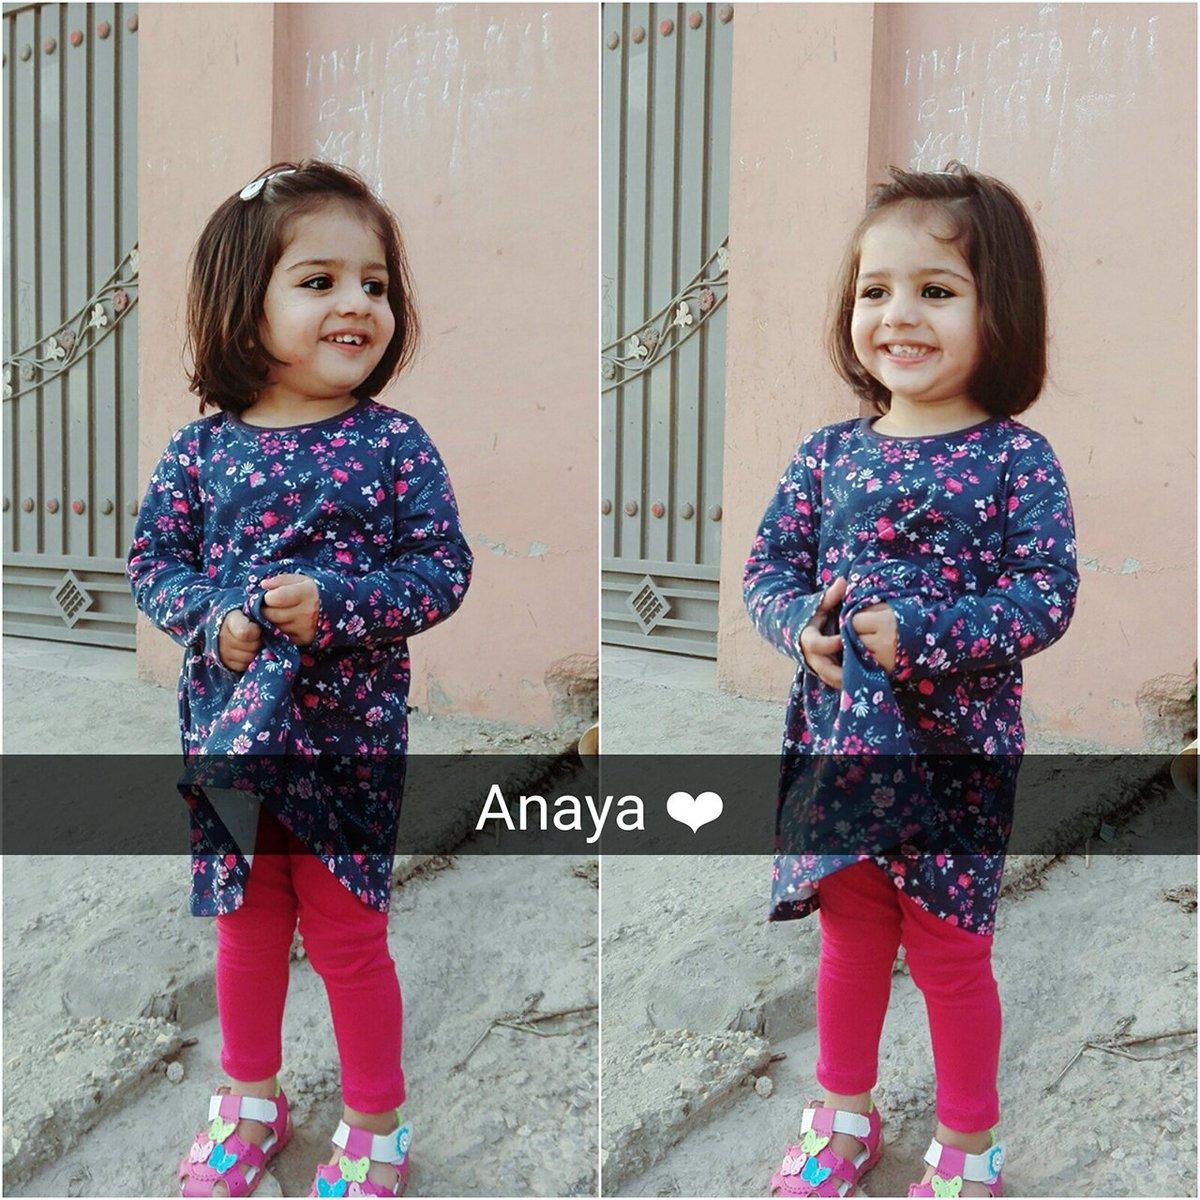 #Anaya